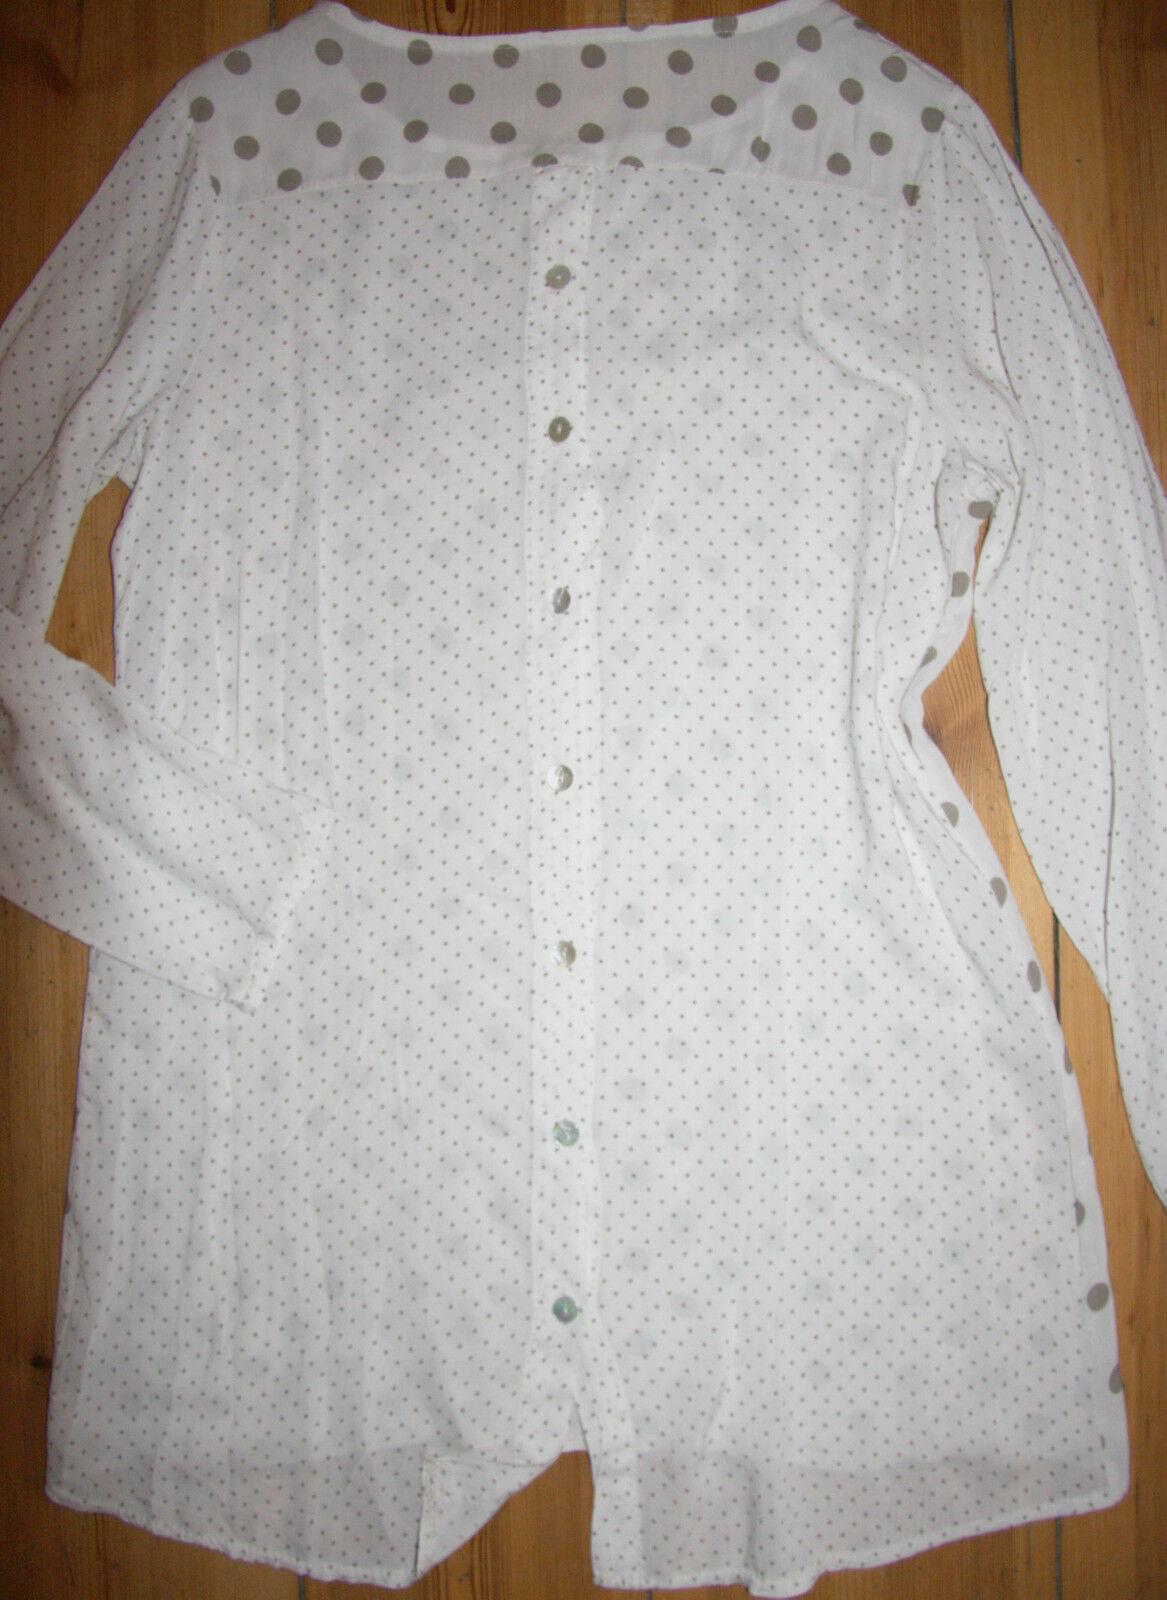 Your&Self Shirt    Blause Langarm Stars 2-teilig Blau  Melange Größe 38-42 Neu | Günstigen Preis  | Angenehmes Gefühl  | Primäre Qualität  | Zu verkaufen  | Ausgezeichnet (in) Qualität  1d9e0b